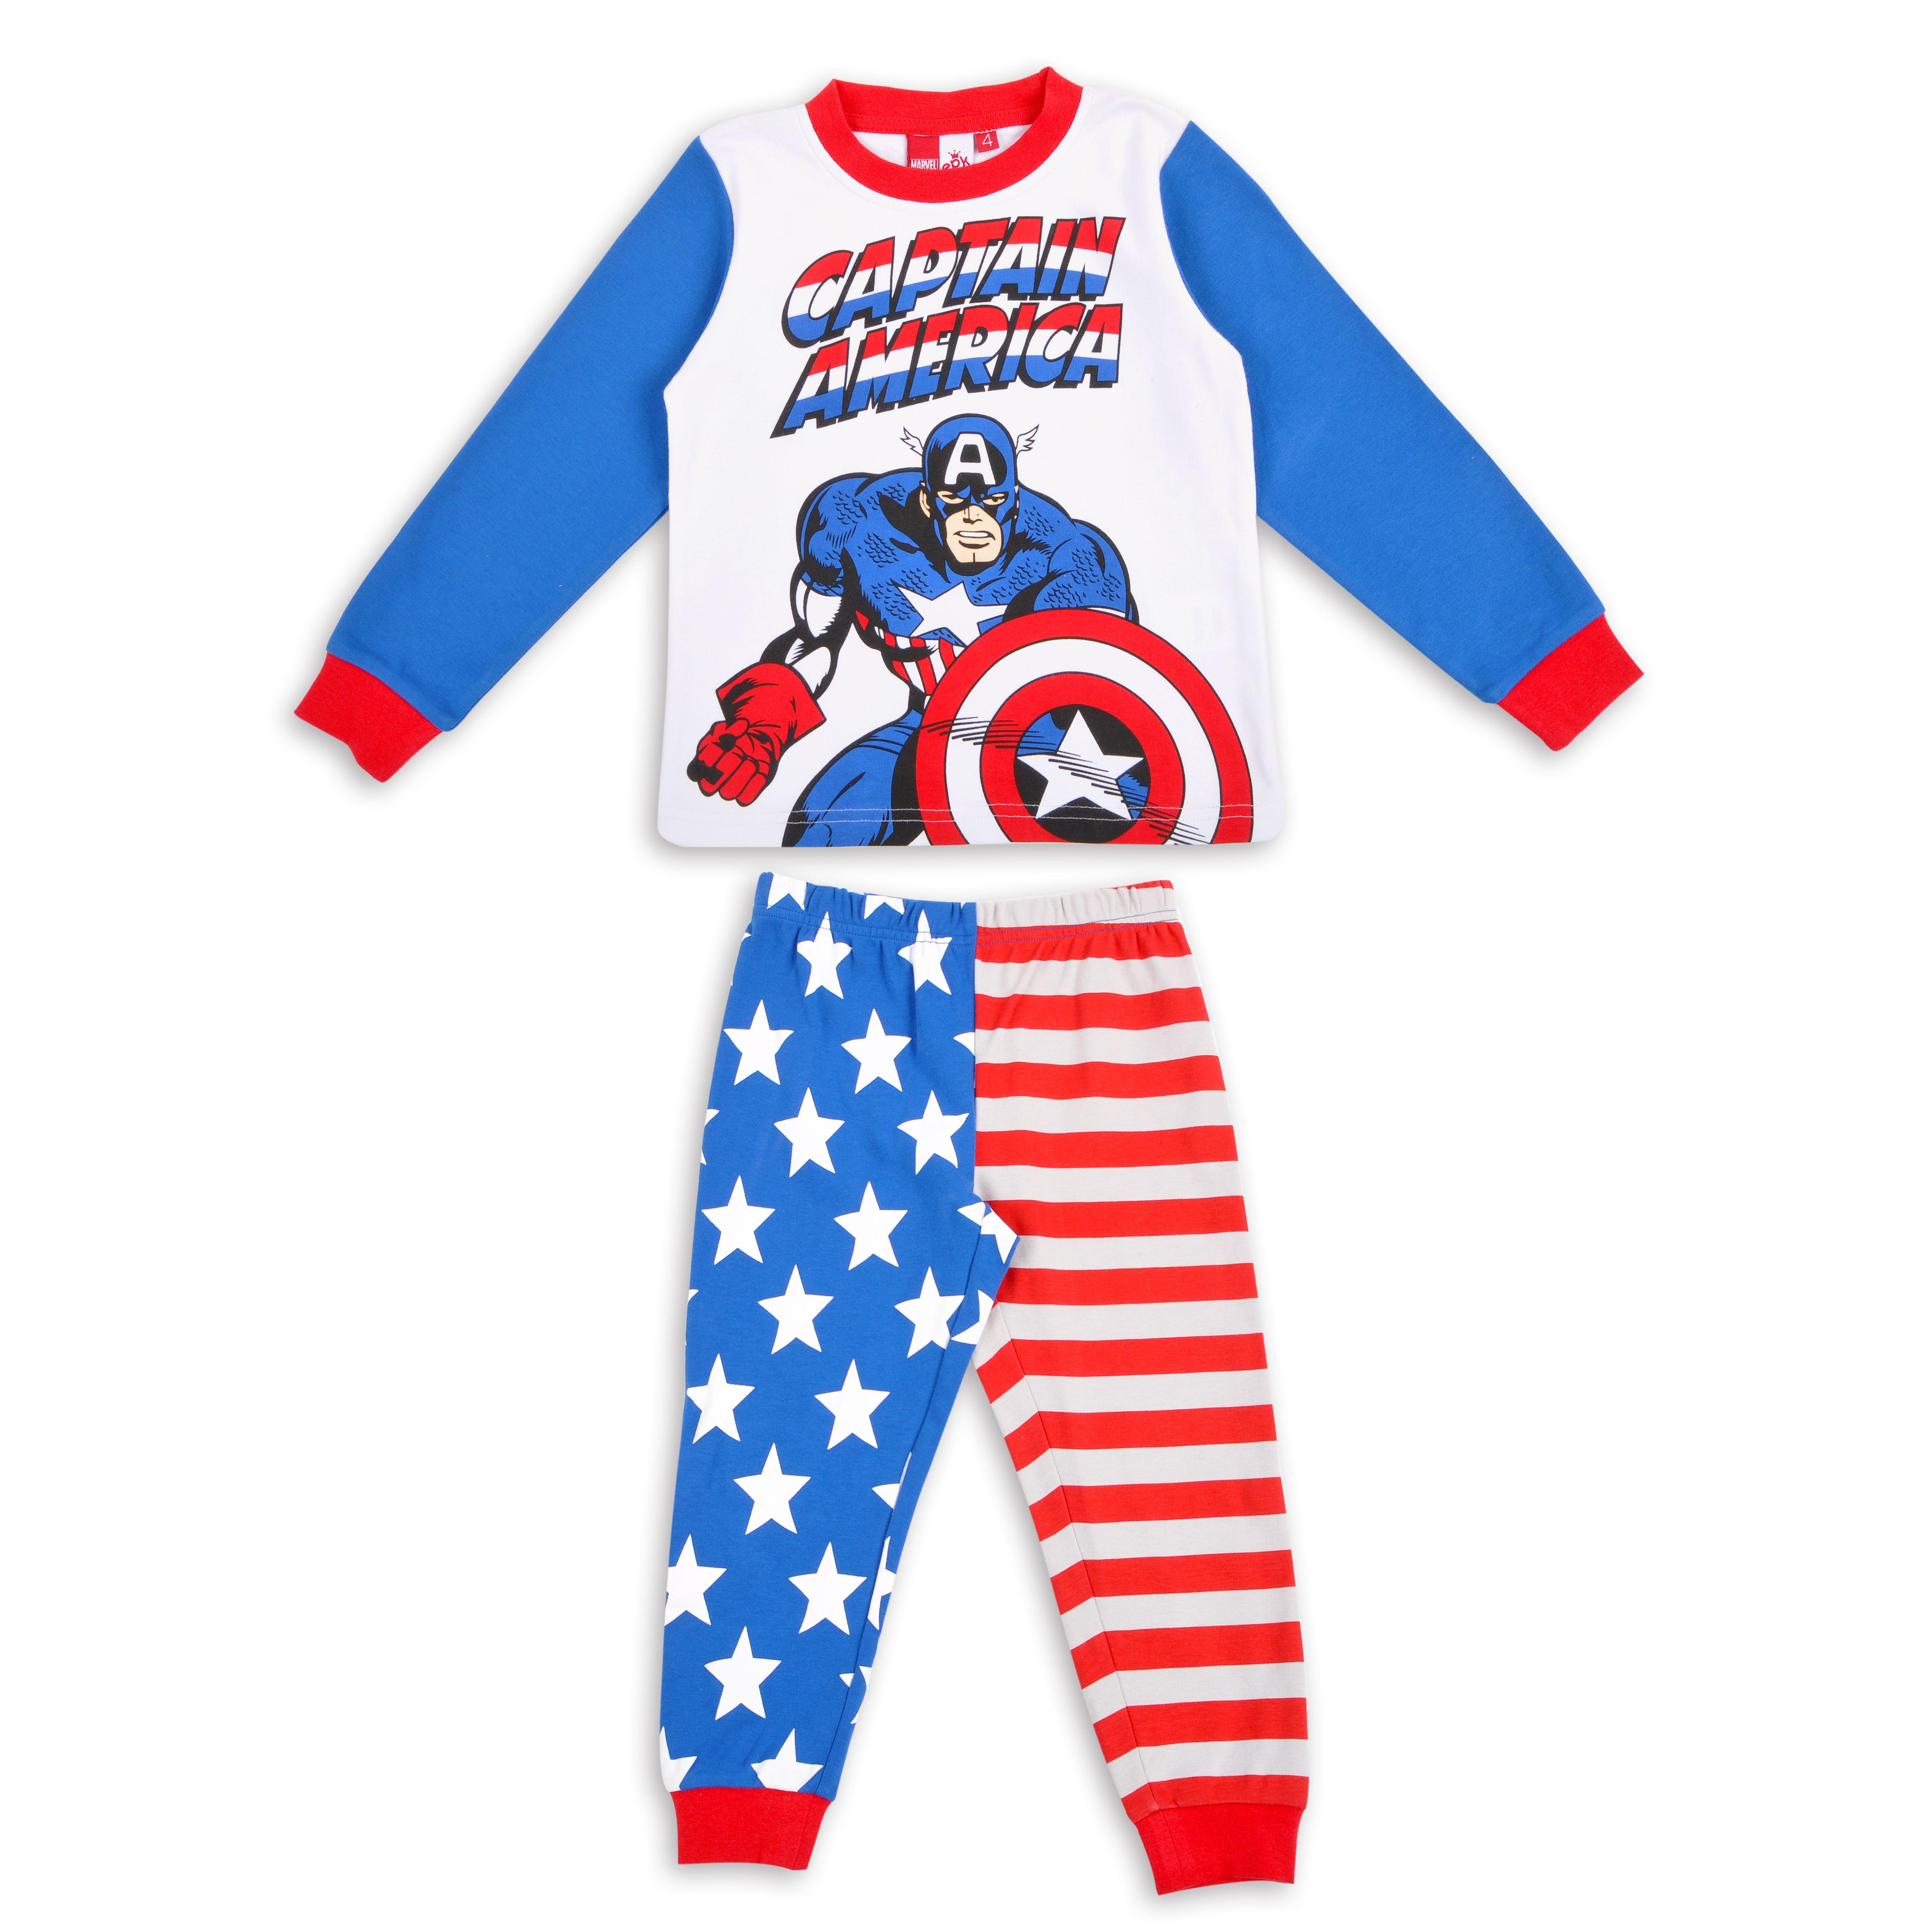 d0eb74139 Pijama EPK para niño con estampado y colores de Capitan America | A ...